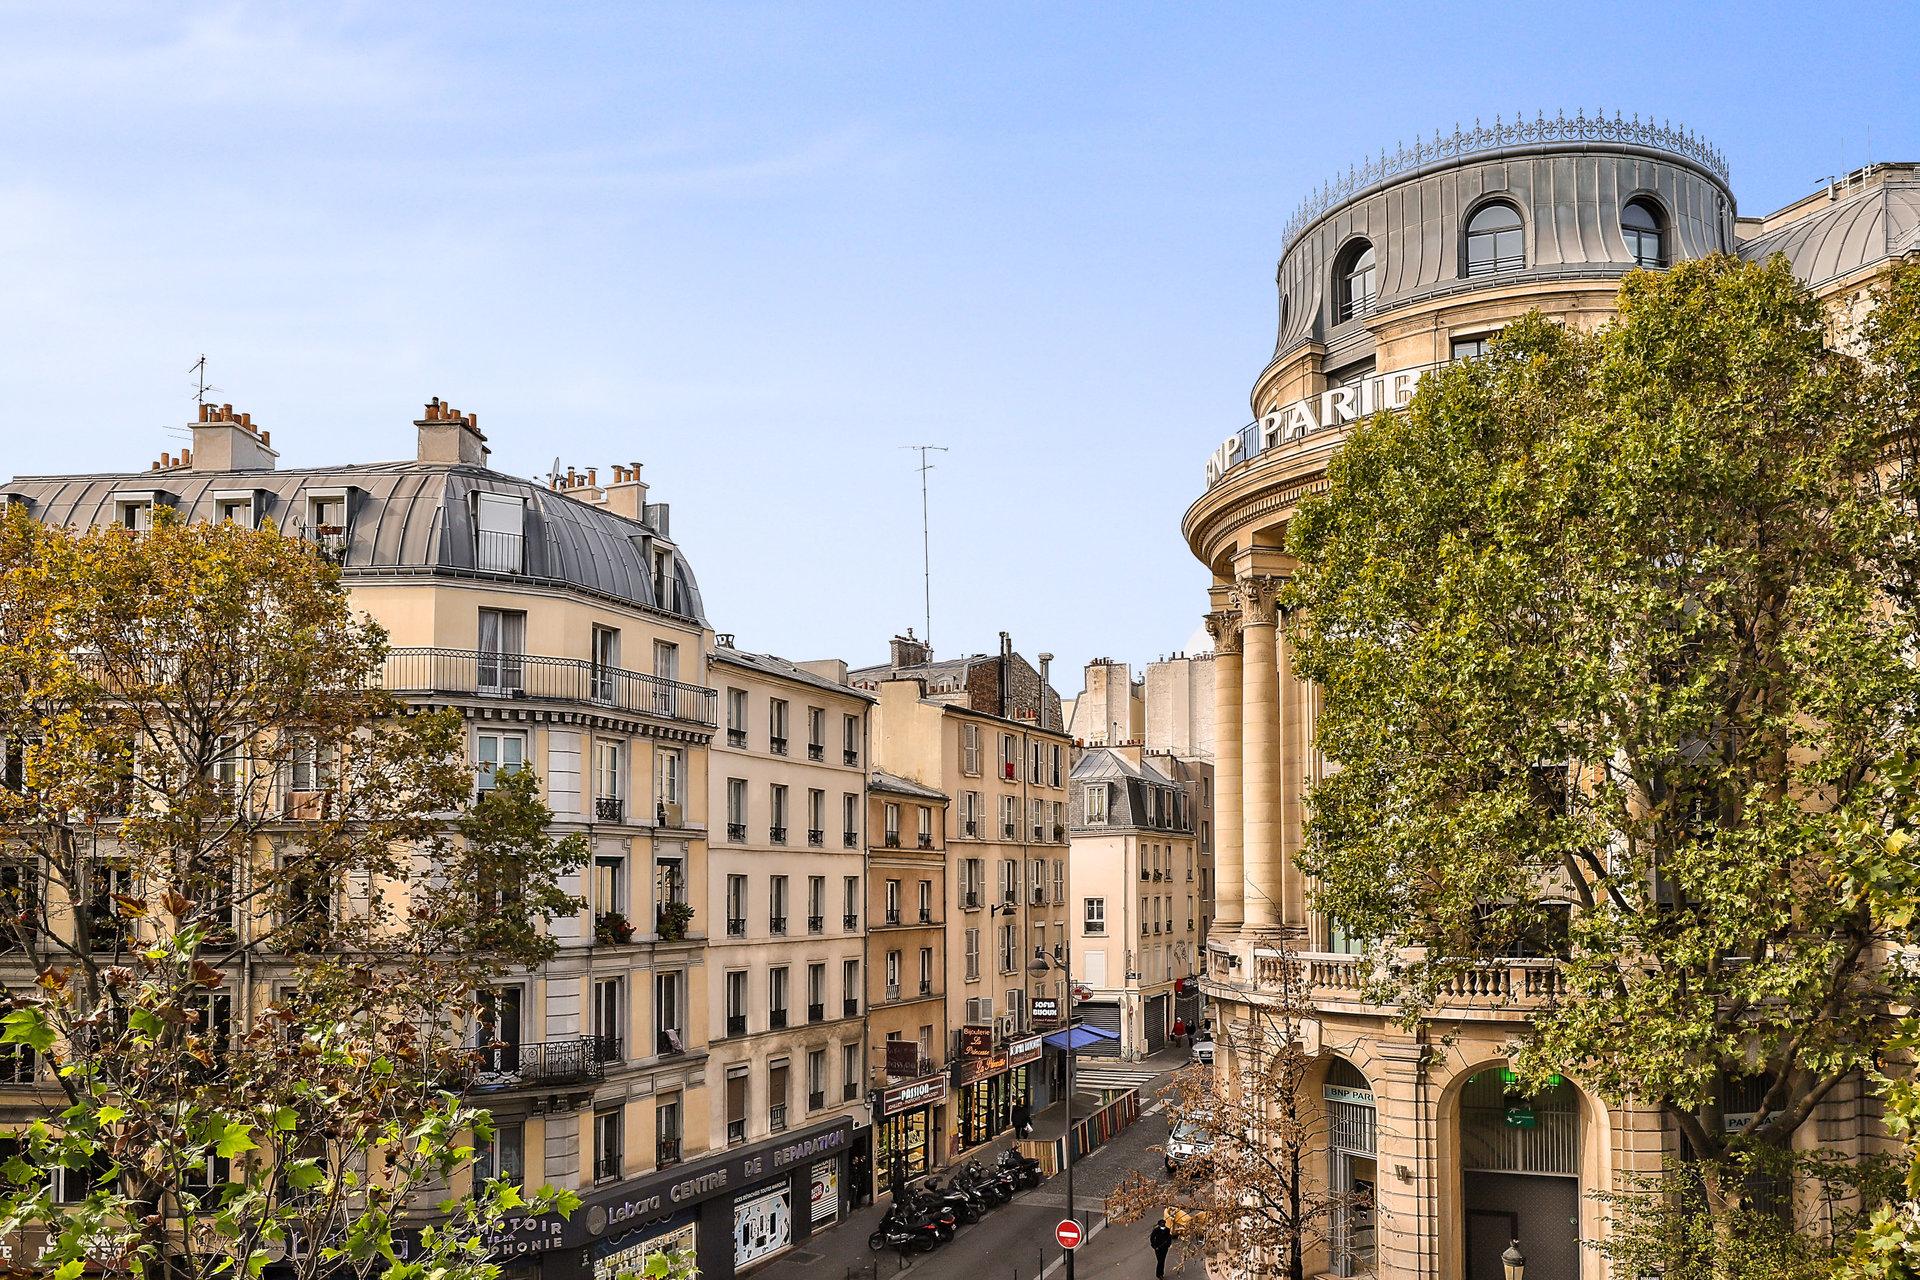 Paris - XVIII ème - M° Barbes Rochechouart - 5 Pièces - EN ÉTAGE AVEC ASCENSEUR - 3 CHAMBRES SUR COUR - VUE DÉGAGÉE VERDURE, CIEL ET TOITS - ENSOLEILLÉ